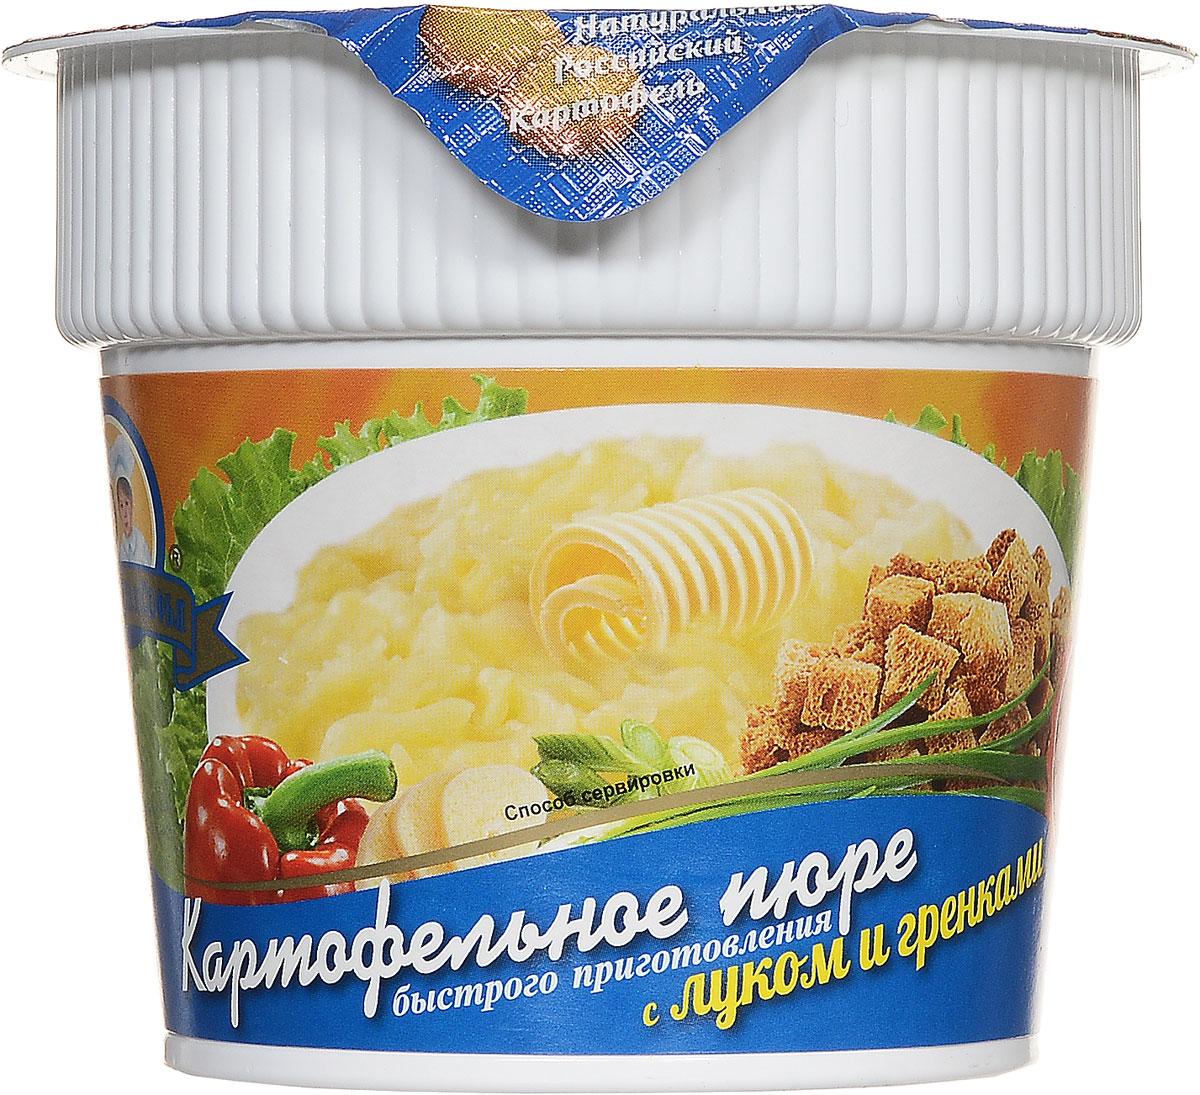 Александра и Софья Картофельное пюре быстрого приготовления с луком и гренками, 37 г